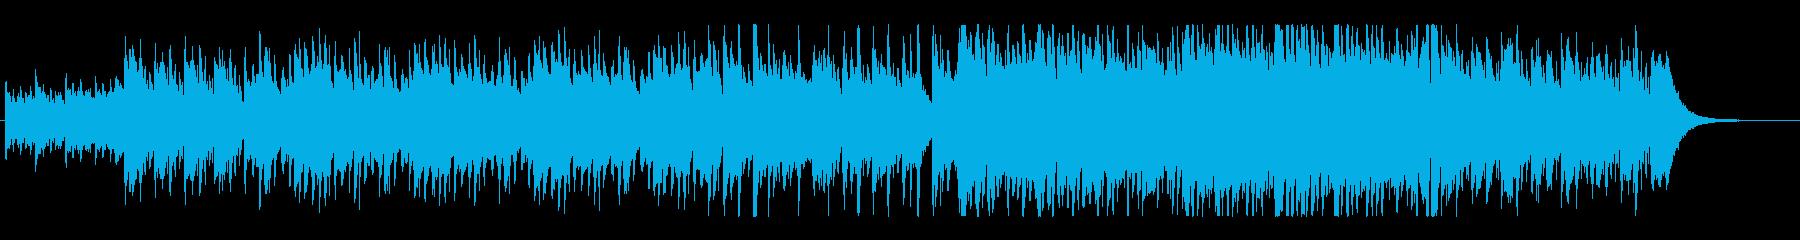 ピアノが煌びやかなジャズワルツbの再生済みの波形